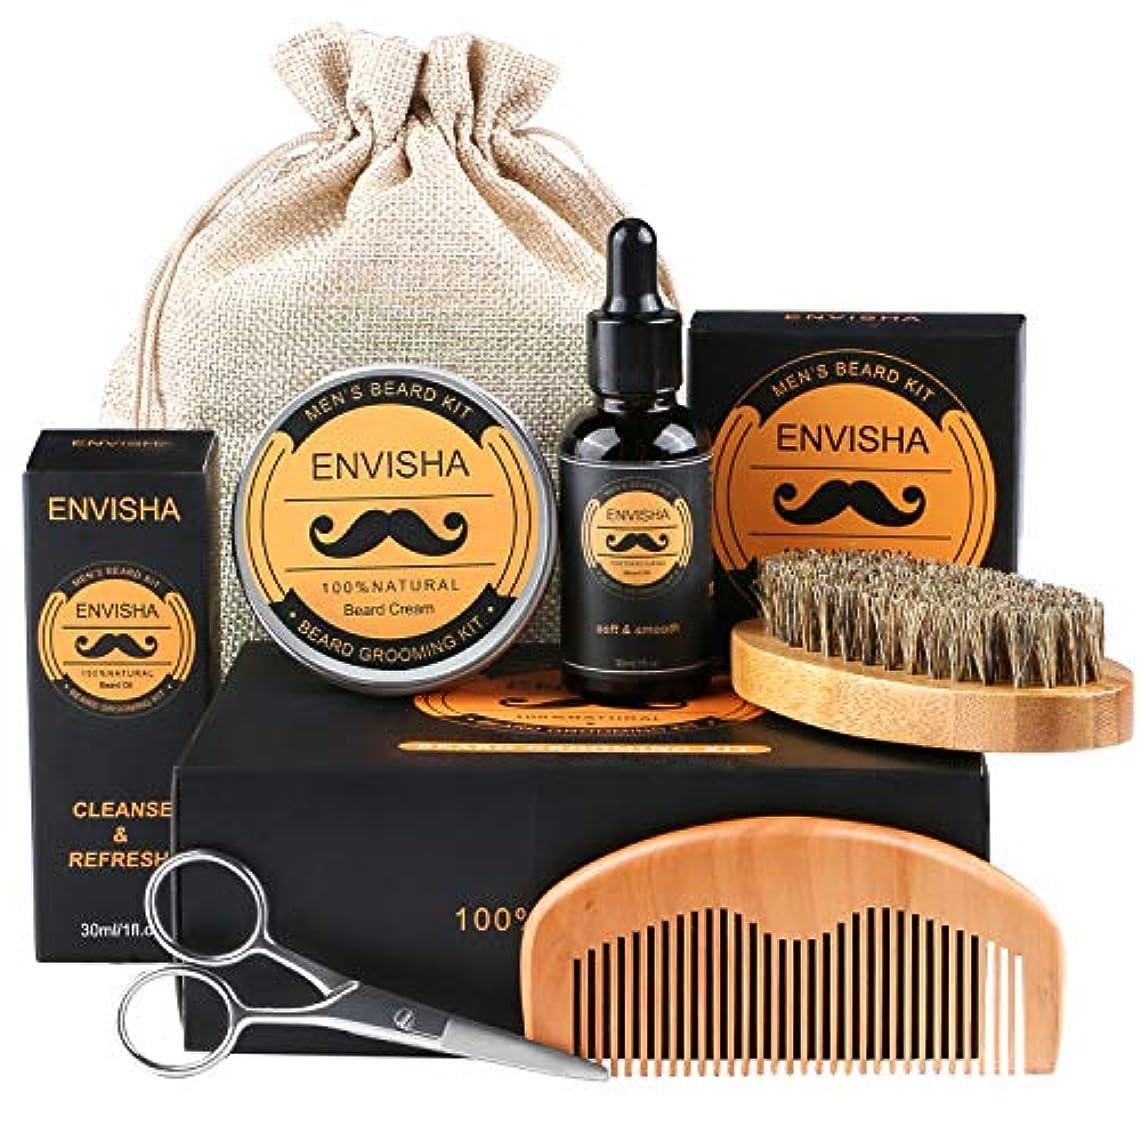 植物学者熟達した多数のBeard Kit、Fixget Beard Care Kit(無料のひげの手入れとトリミングキット付き)100%のイノシシのひげのブラシ、木のひげの櫛、ひげ、男性のための口ひげのはさみお父さん夫